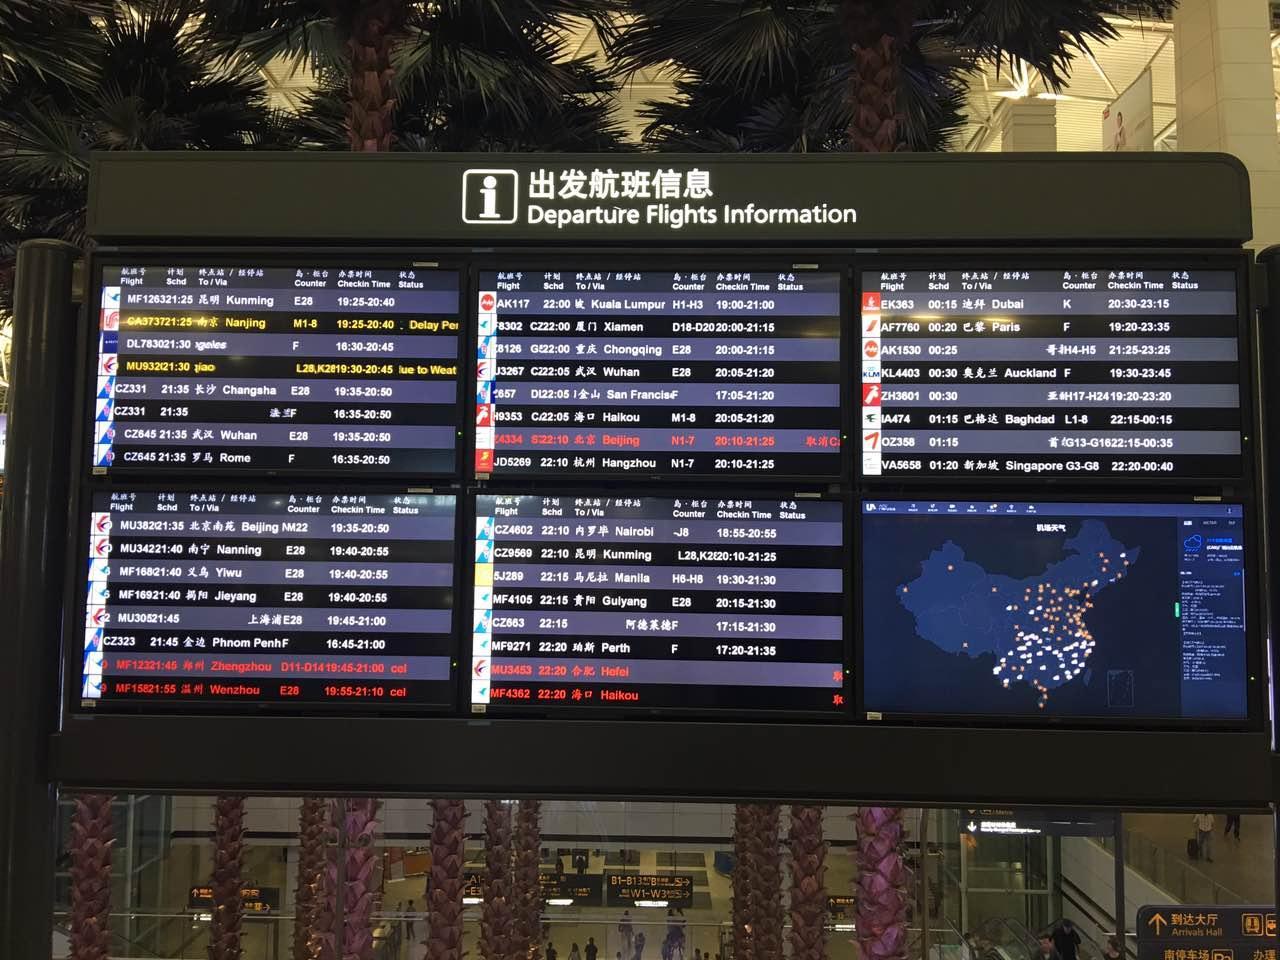 大雨来袭 广州白云机场启动航班大面积延误蓝色预警